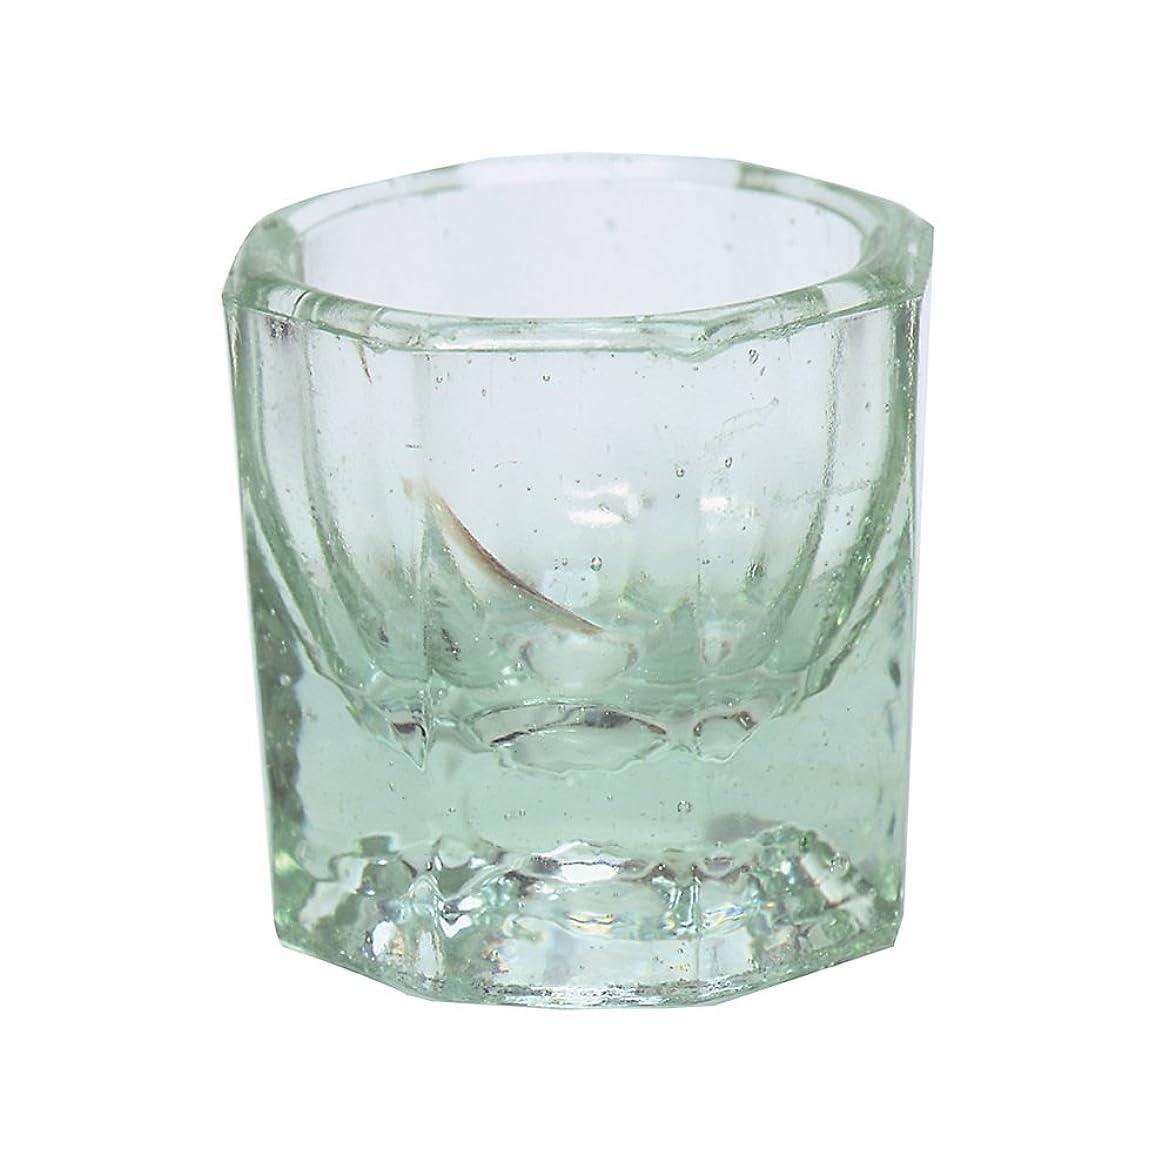 垂直祖母レトルトGaoominy Gaoominy(R)5パック、オールシーズンガラス皿